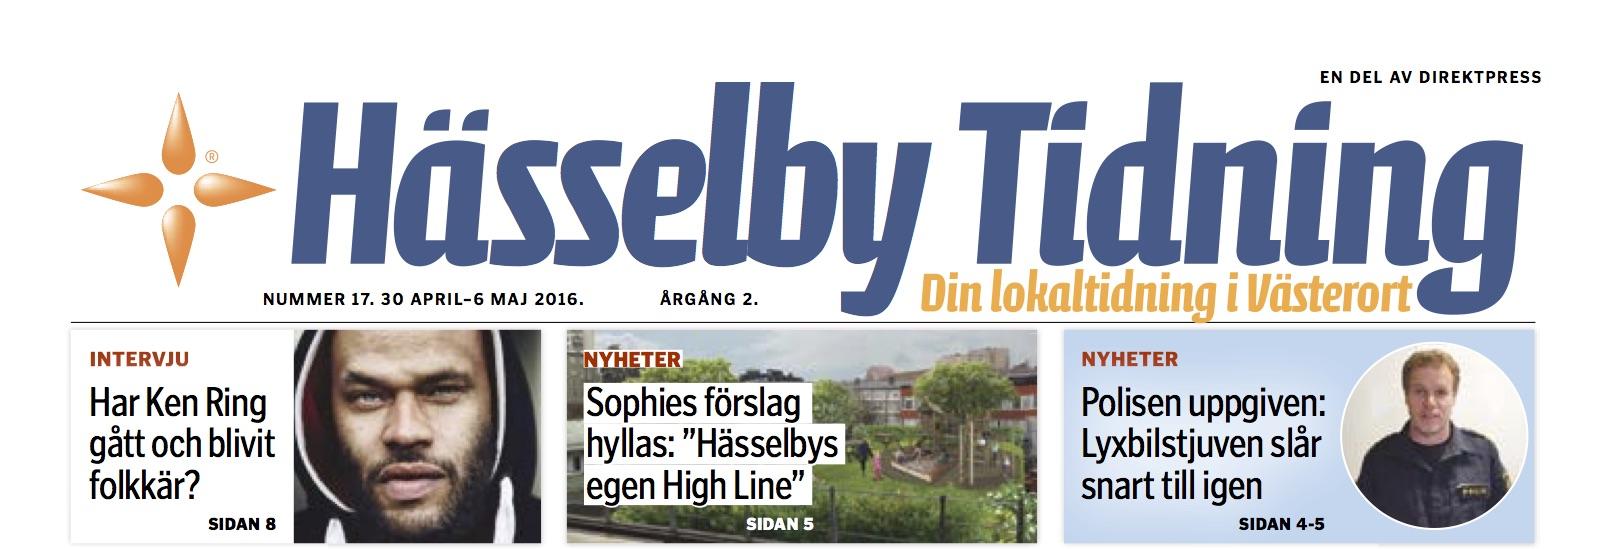 Hässelby tidning - Ken.jpg